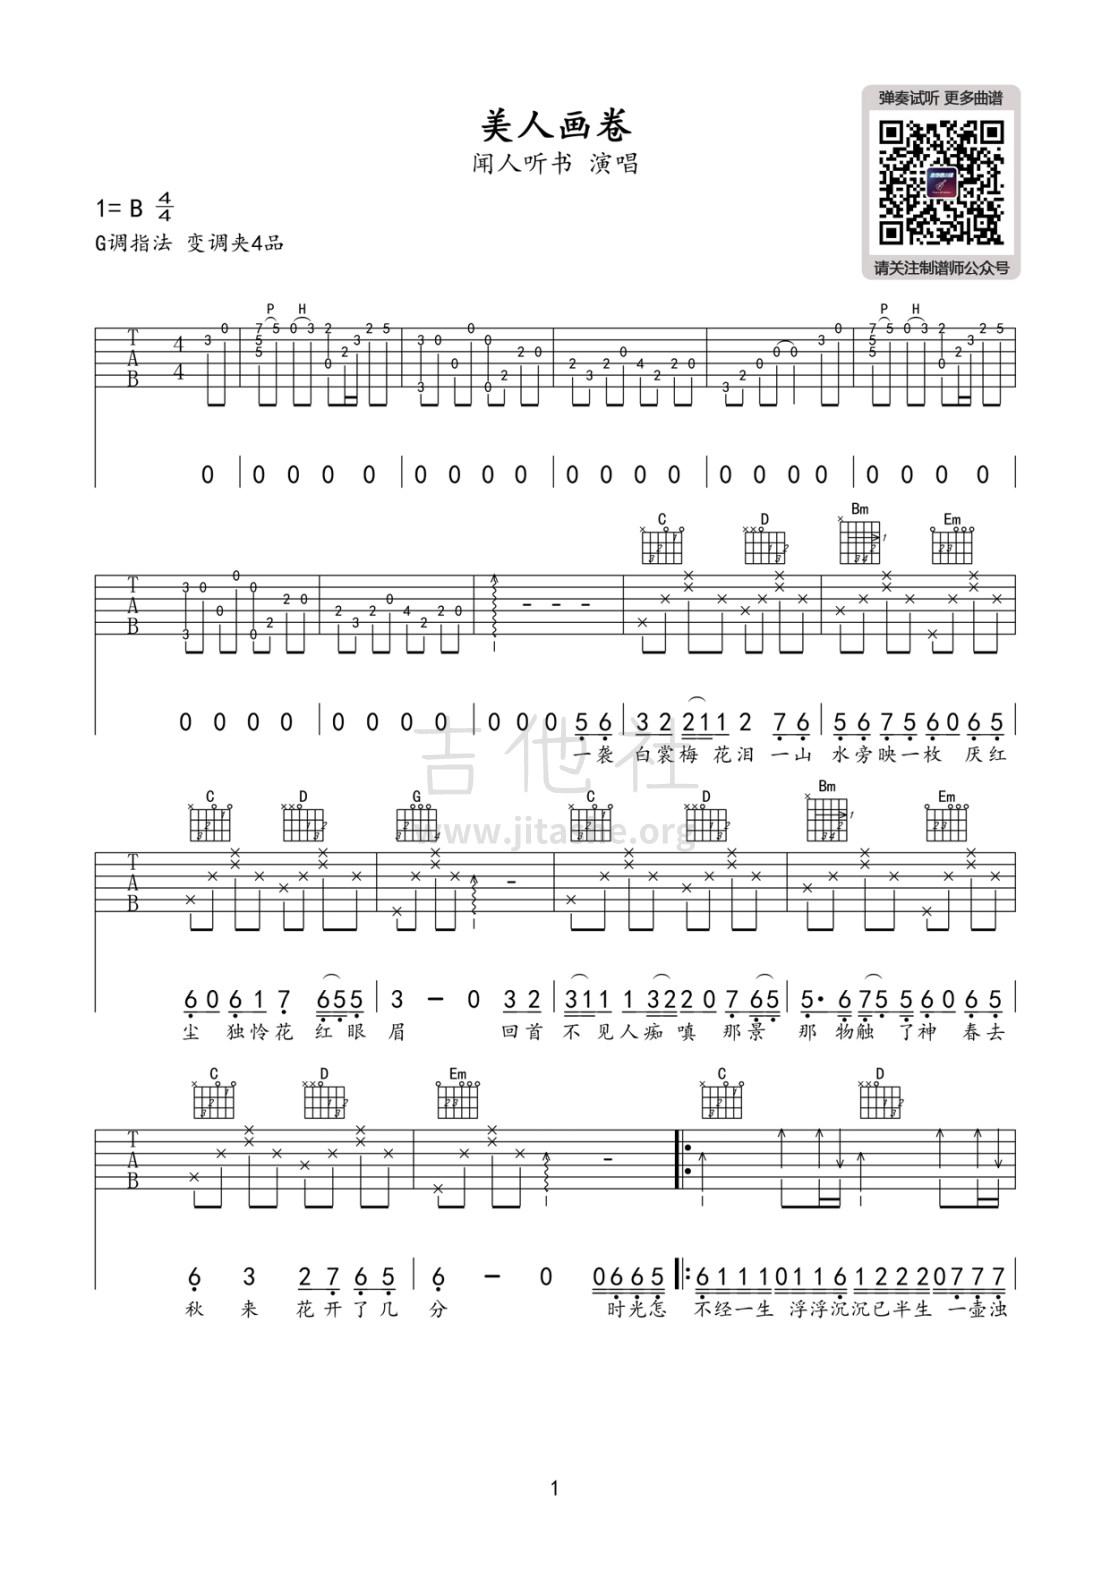 美人画卷(弹唱谱)吉他谱(图片谱,弹唱,简单版,伴奏)_闻人听書_美人画卷1.jpg